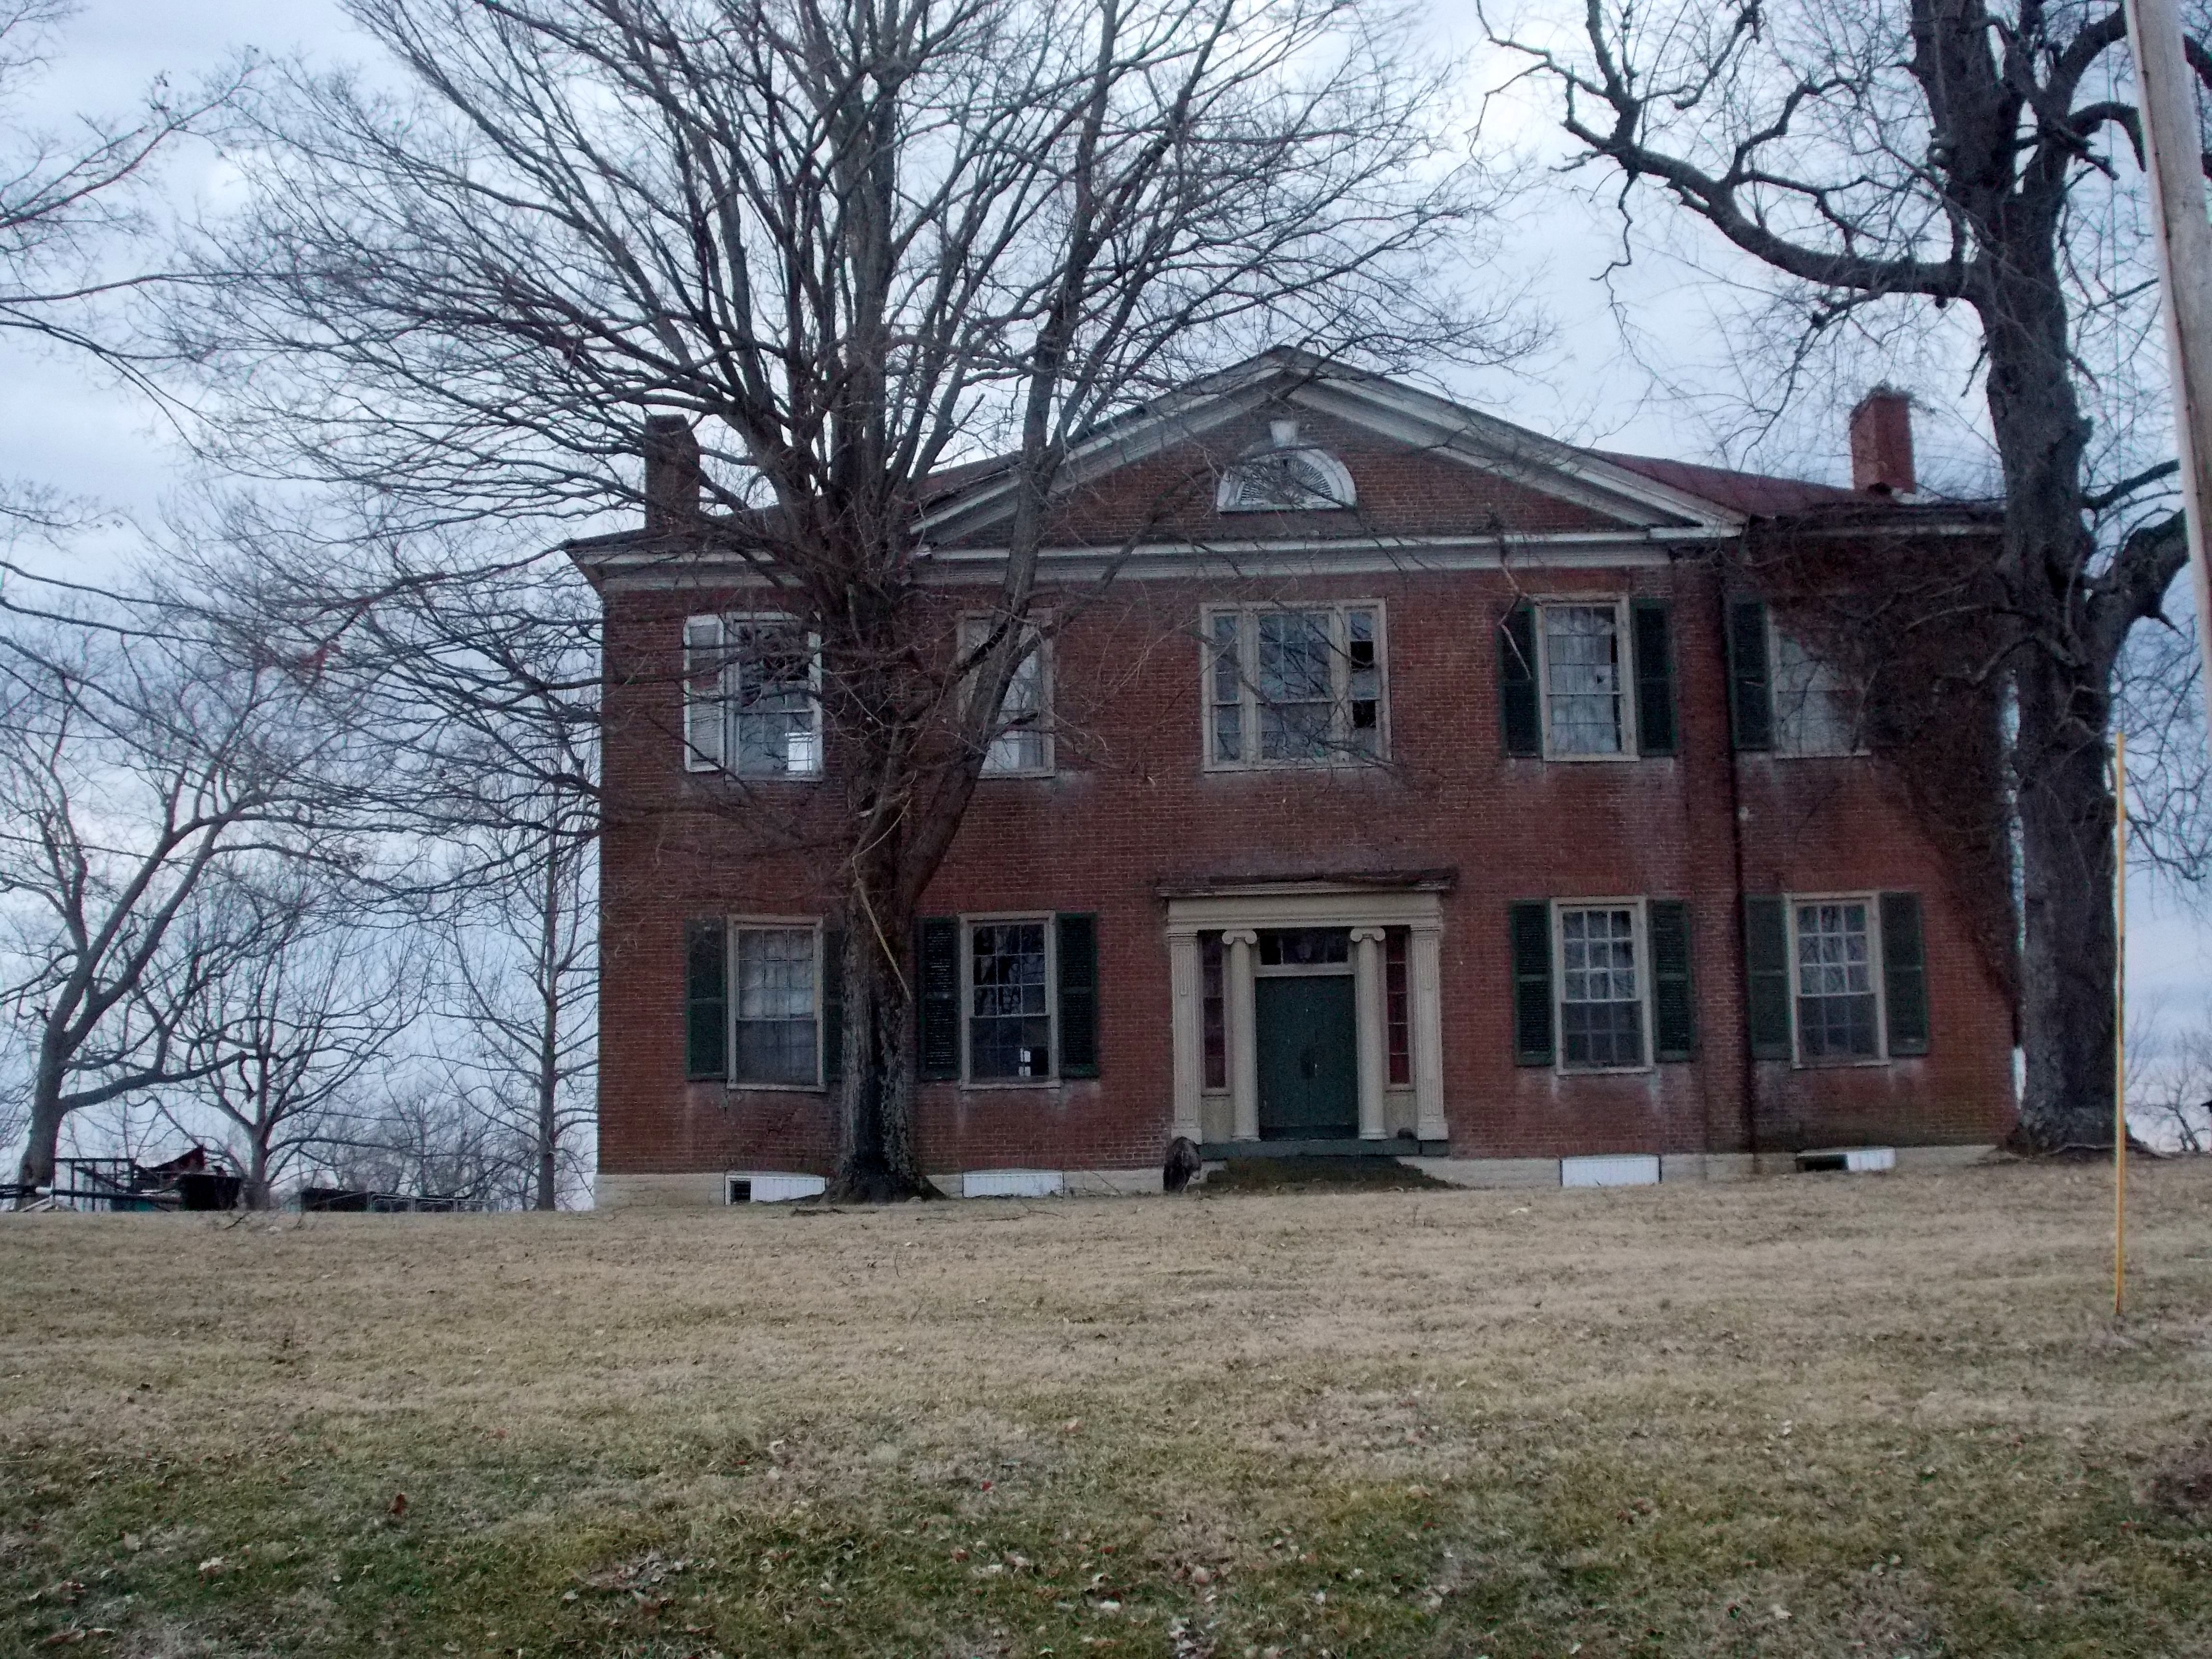 Creepy mansion off of Hwy Garrard County